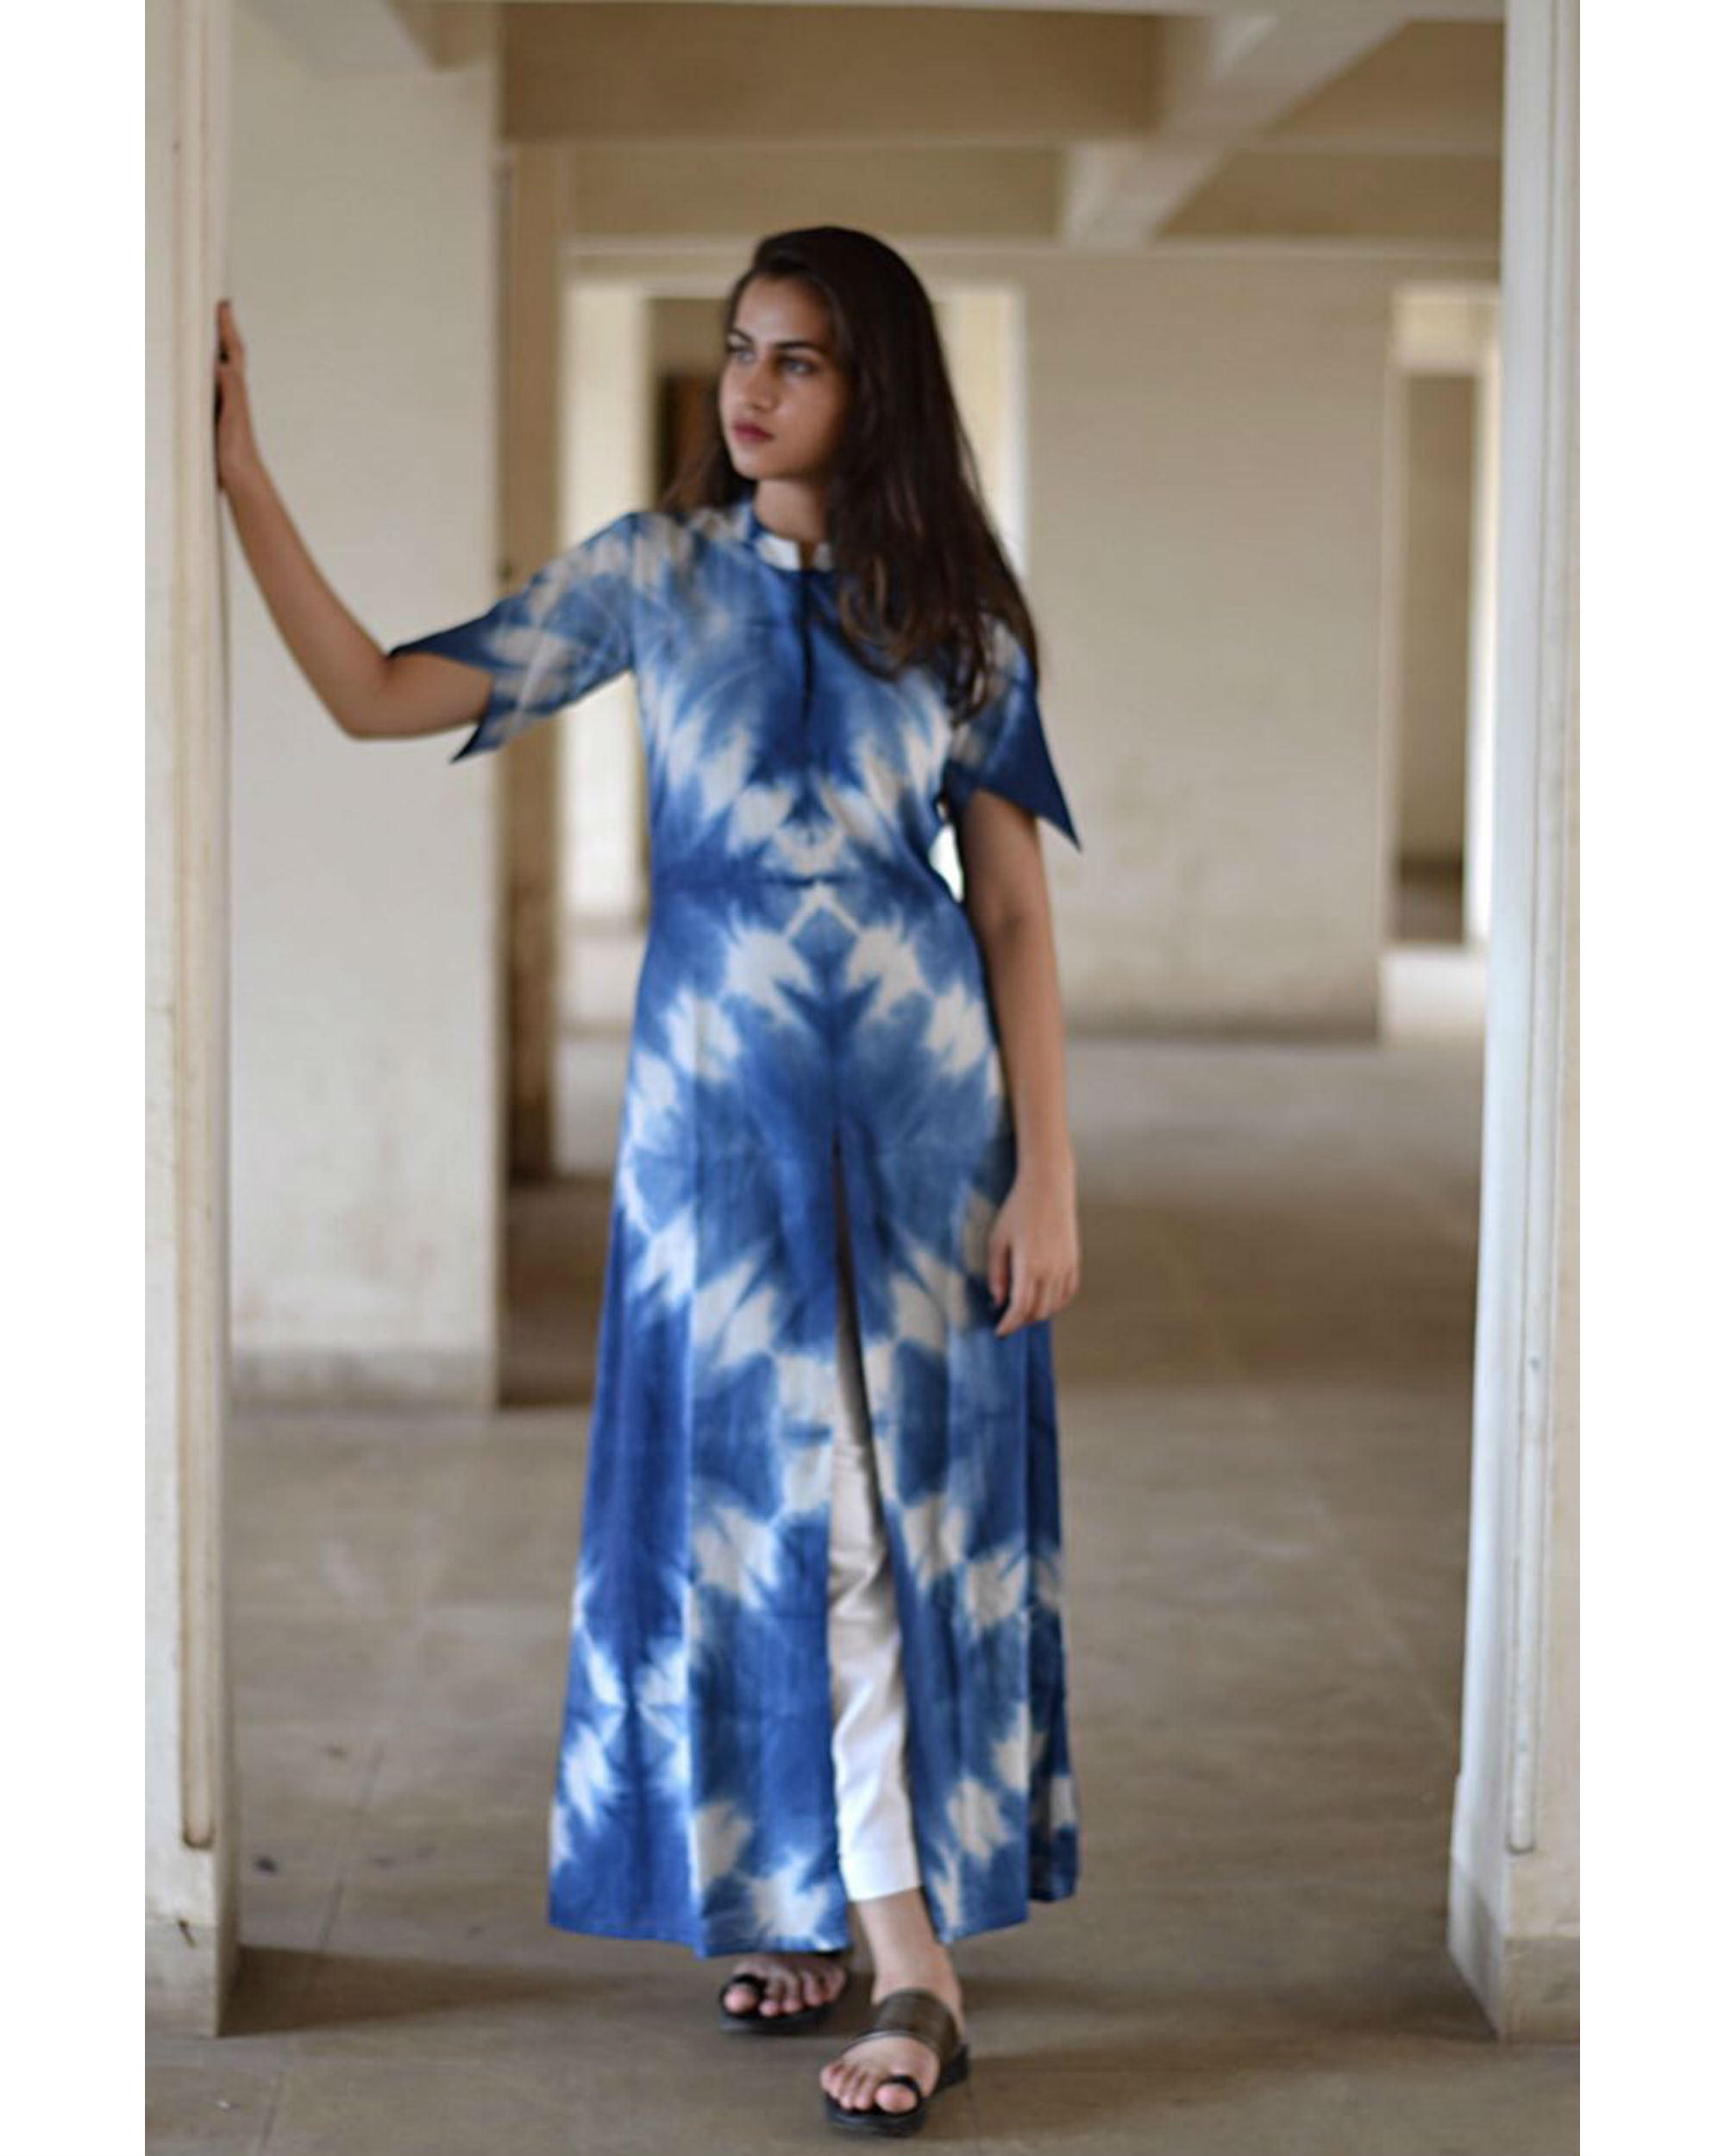 Blue star dress